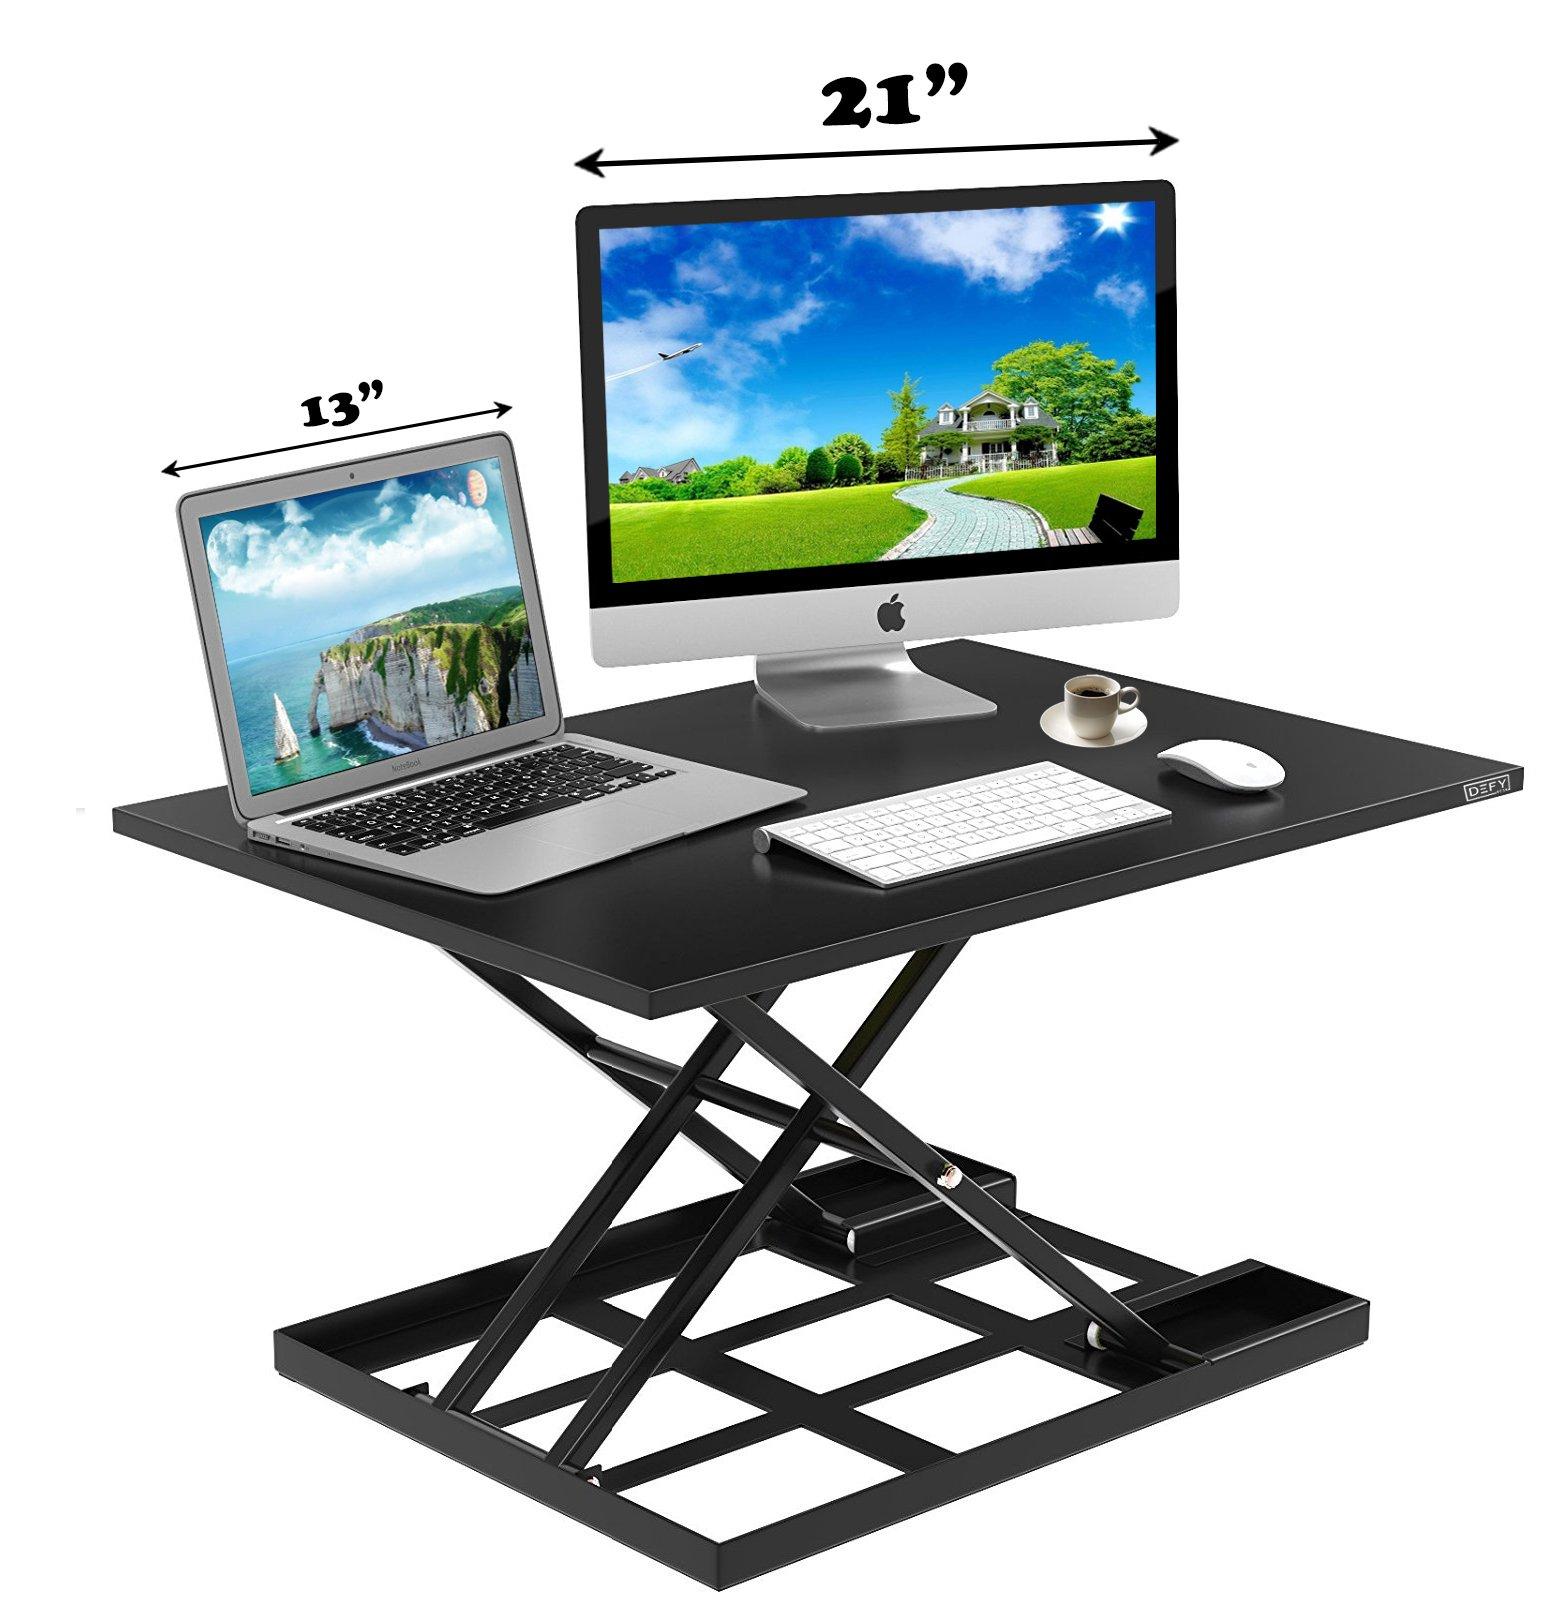 Standing Desk Stand Up Desks Height Adjustable Sit Stand Converter Laptop Stands Large Wide Rising Black Dual Monitor PC Desktop Computer Riser Table Workstation Foldable Extender Ergonomic 32 inch by Defy Desk (Image #6)